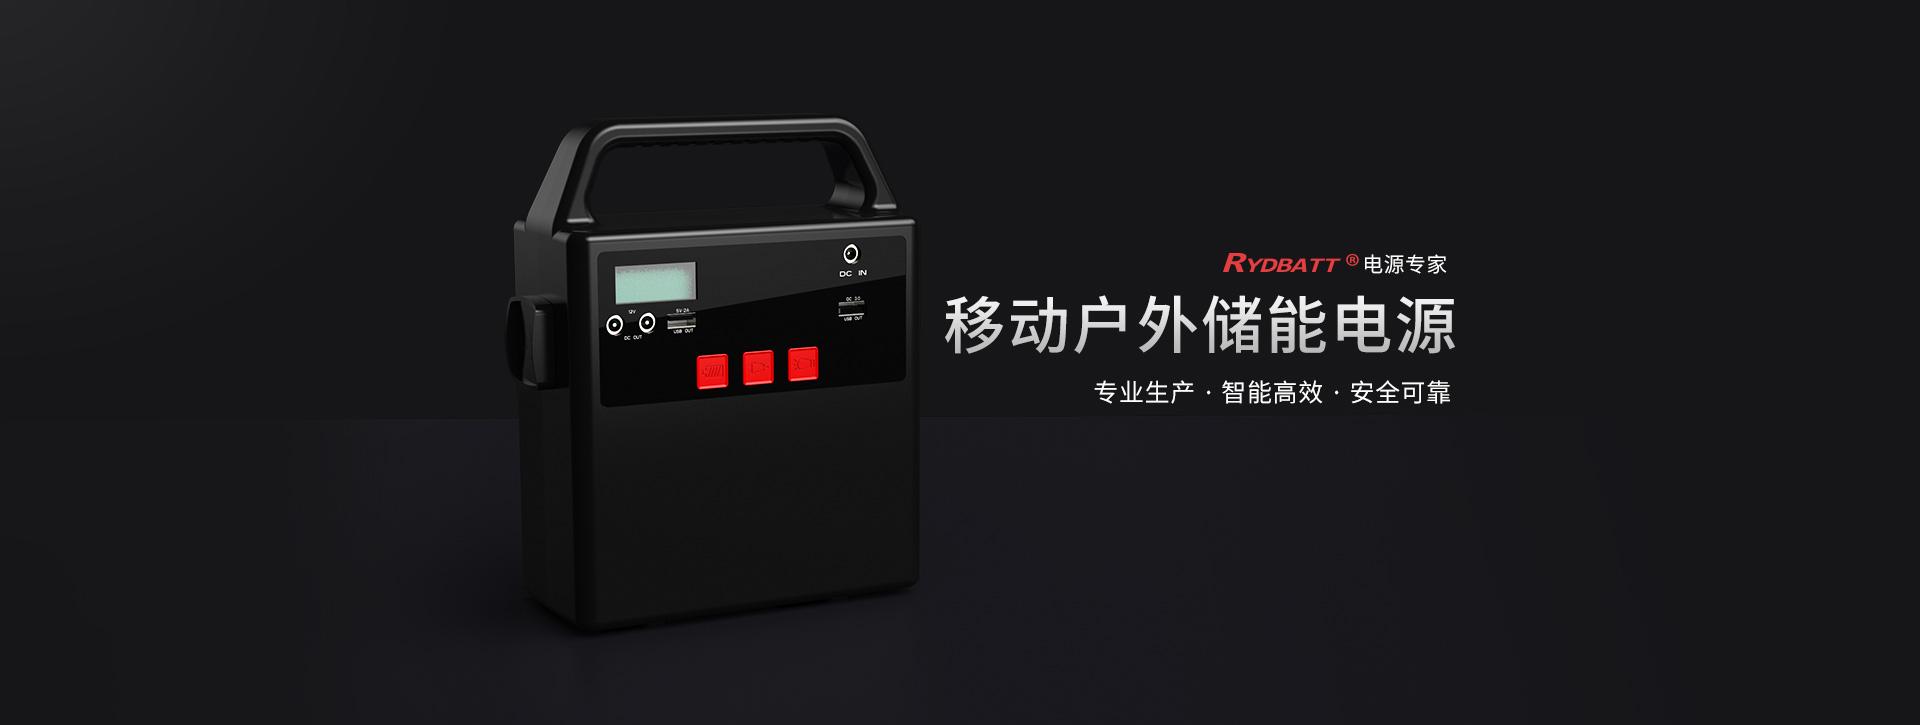 https://www.rydbatt.com/Product/Special.html